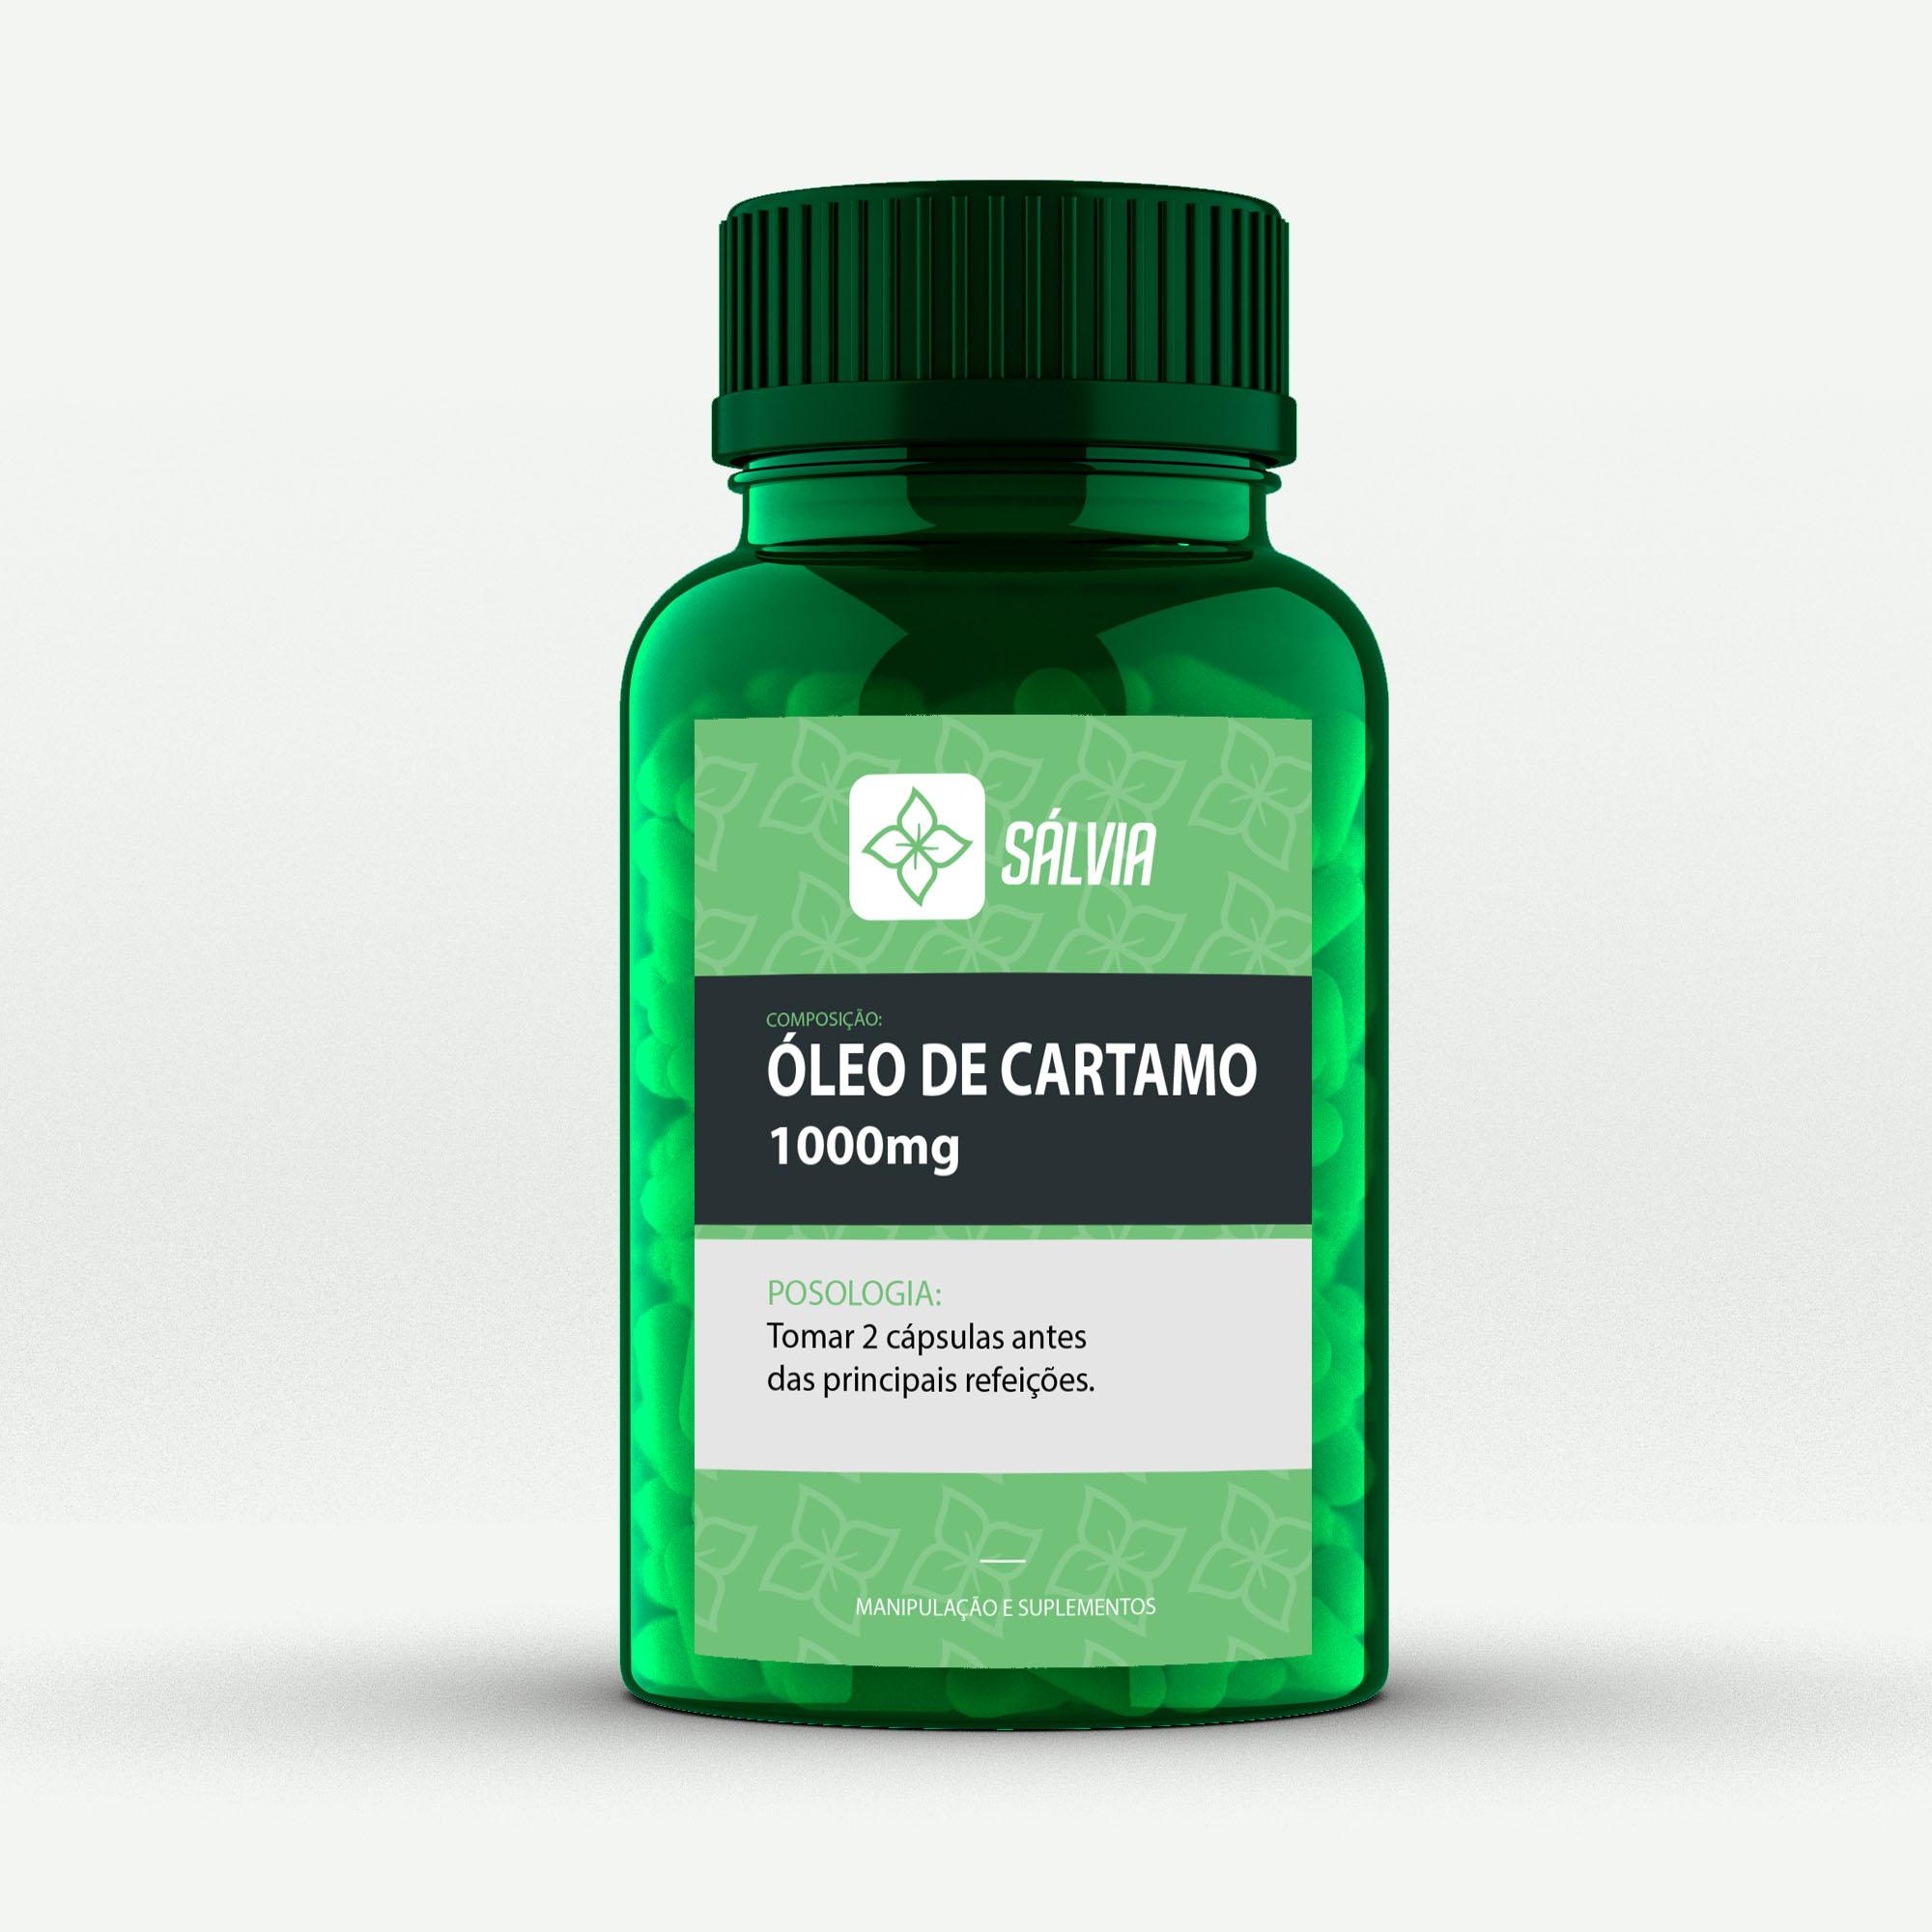 ÓLEO DE CARTAMO 1000mg - Cápsulas